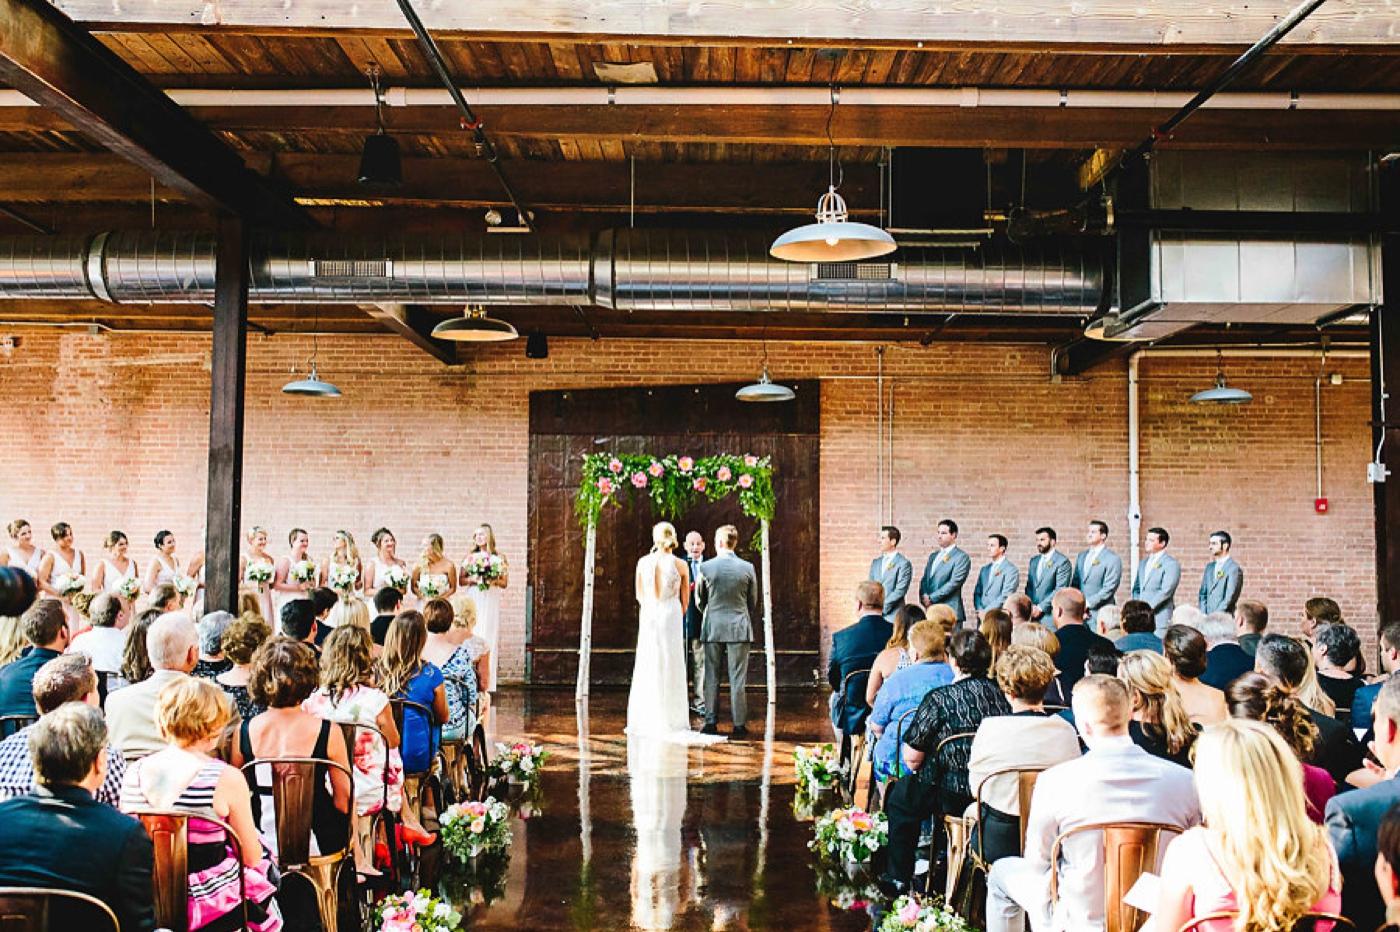 chicago-fine-art-wedding-photography-hrebic24